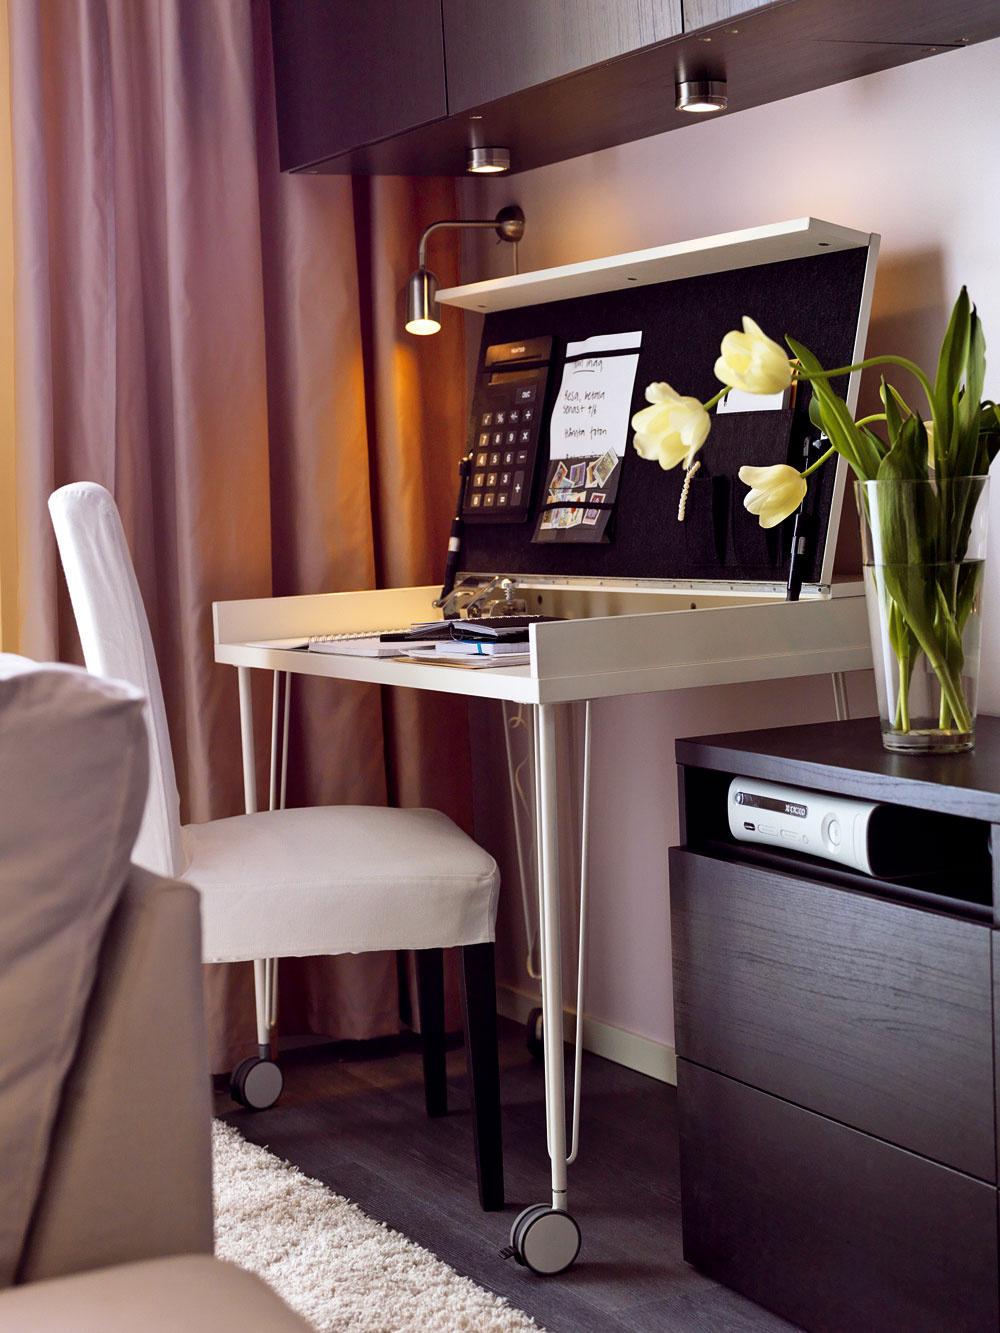 Pracovný stôl sotváracou doskou Vika Veine, 99,90 €, nohy Vika Runtorp, 10 €/ks, Ikea